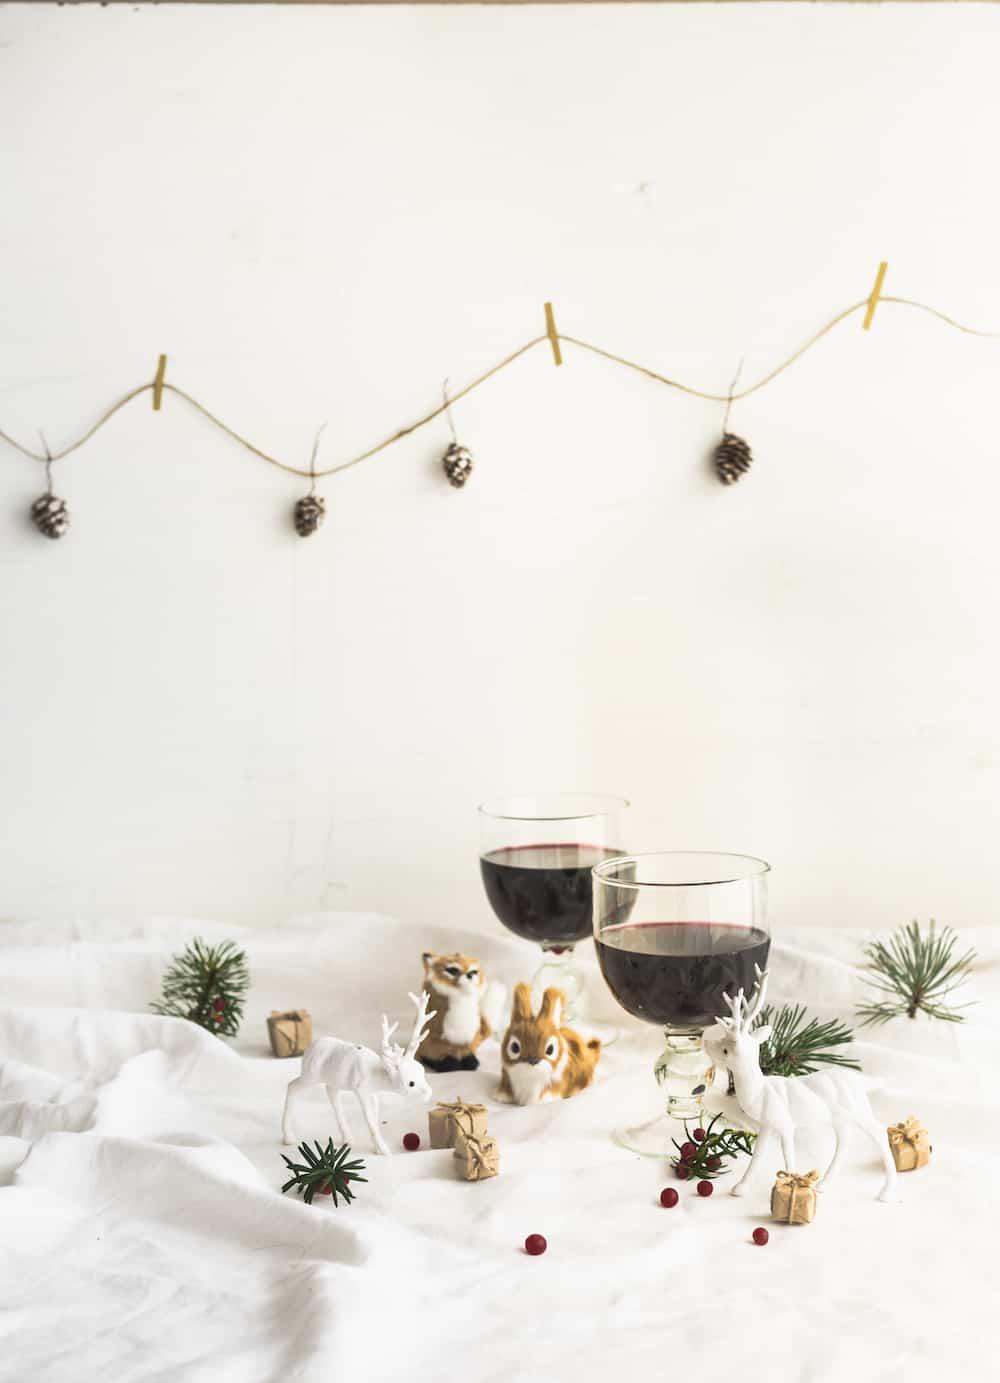 joululahjavinkit kulinaristille, joululahjaviviinit, joululahjakirjat